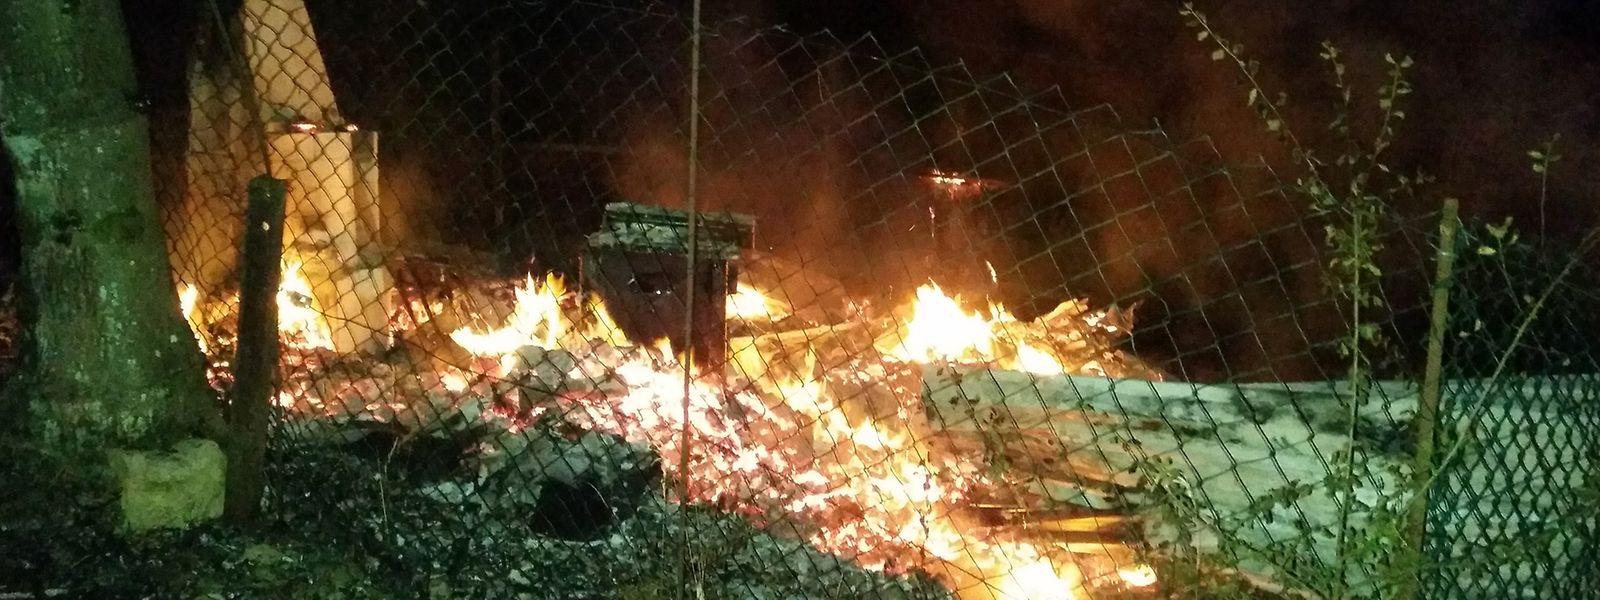 Der Schuppen brannte vollständig ab.